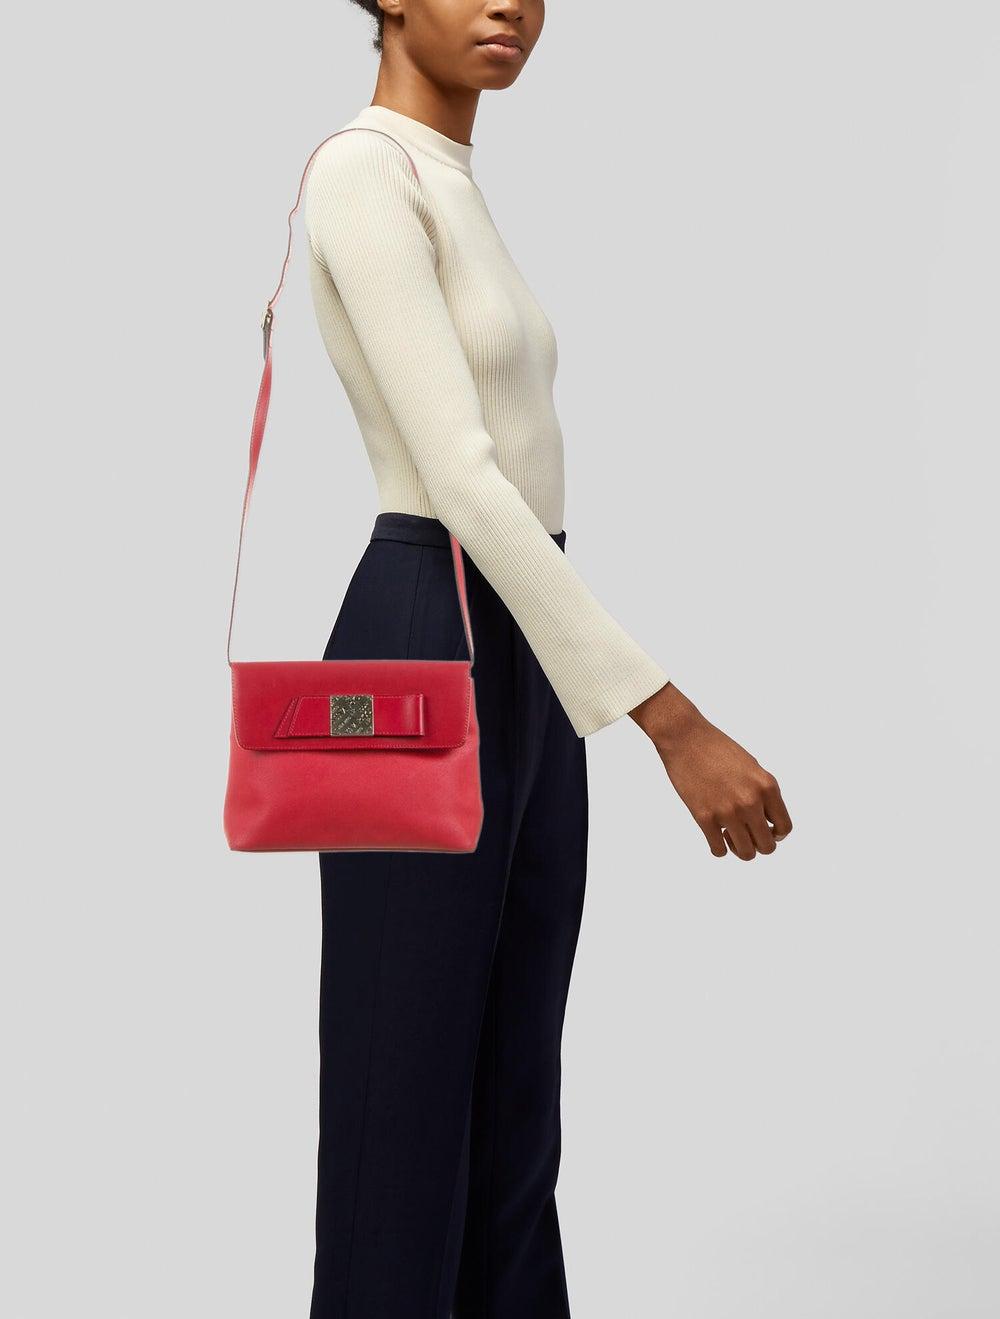 Nina Ricci Leather Shoulder Bag Red - image 2